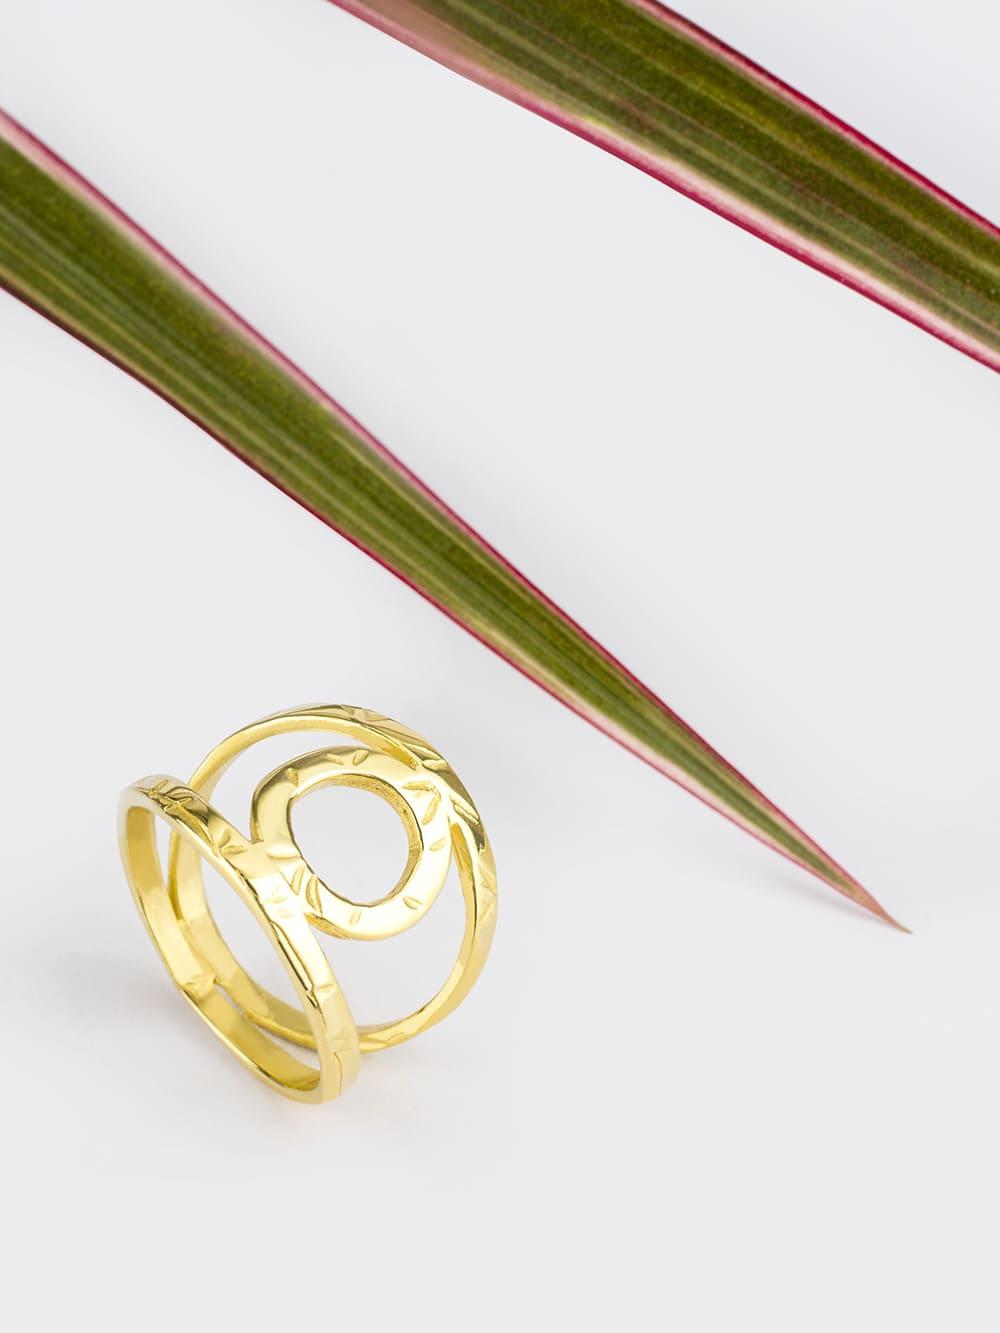 anillo de oro para chicas, joyas para regalar a mi novia, anillos de oro para regalo, joyas marteliè barcelona, joyasmarket